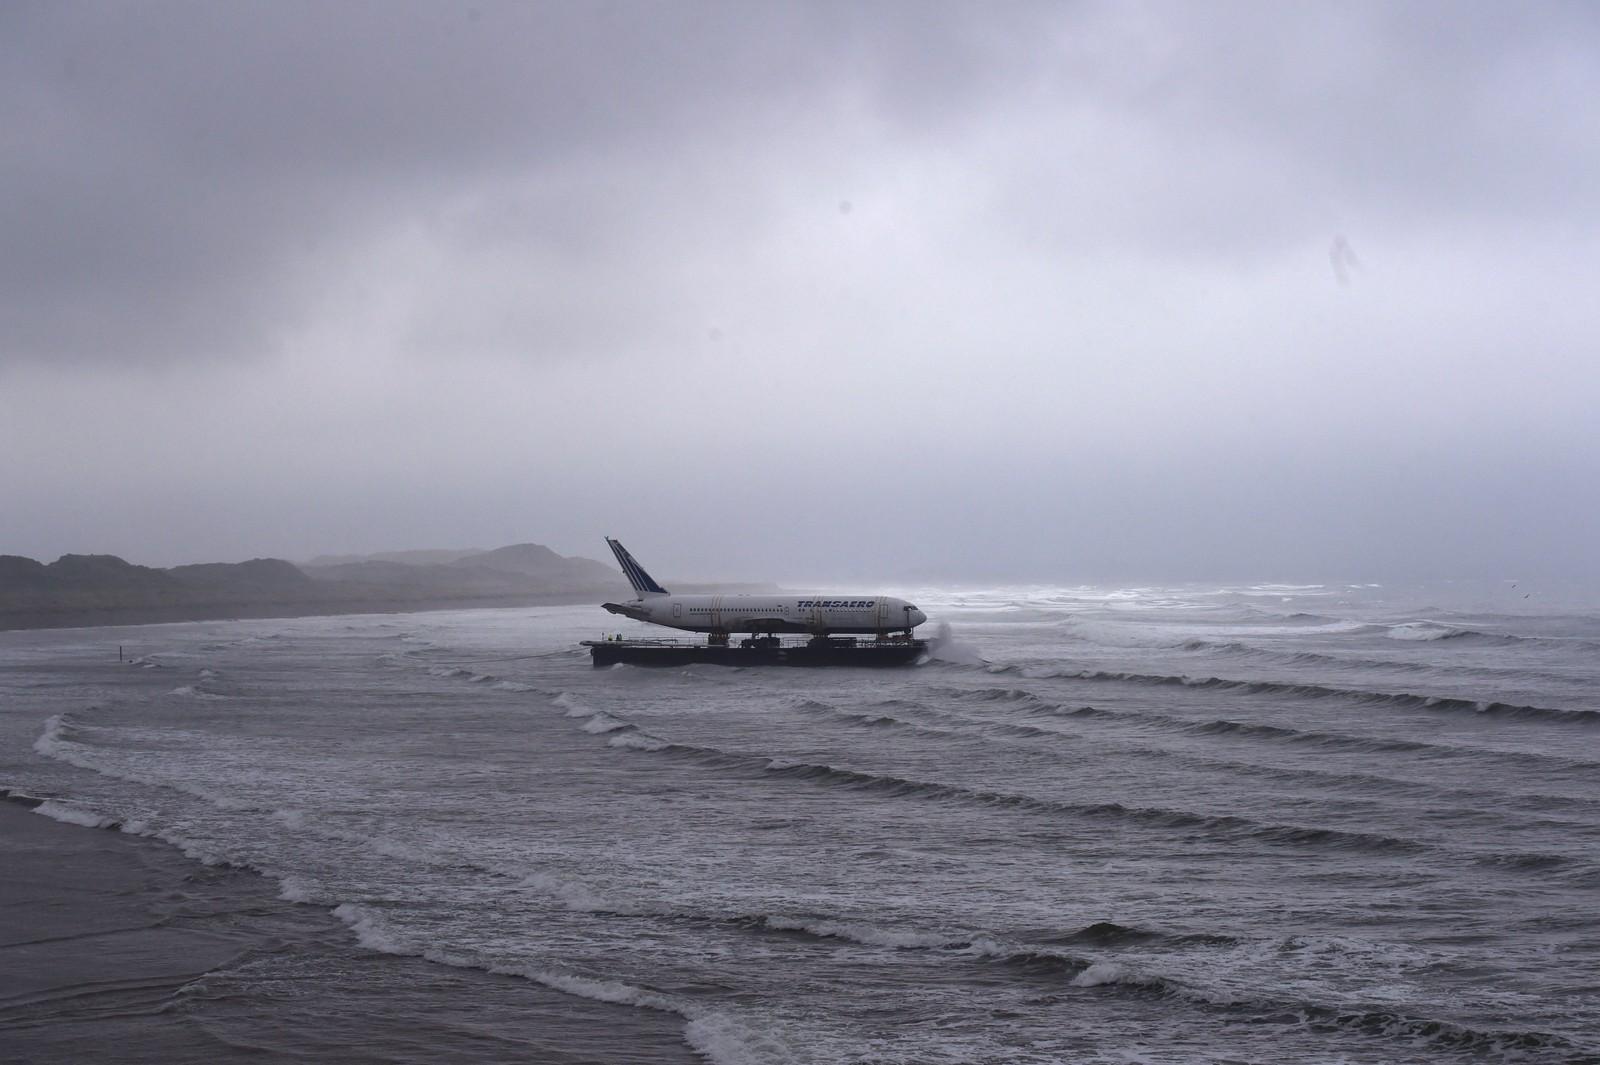 Da det ble for vanskelig å frakte en Boeing 767 på land, valgte irske David McGowan å bruke sjøveien. Han er i ferd med å bygge en campingplass litt utenom det vanlige i den irske småbyen Sligo, der flyet visstnok skal brukes som overnattingslokale. Han har også planer om å hente tog og helikopter til stedet.